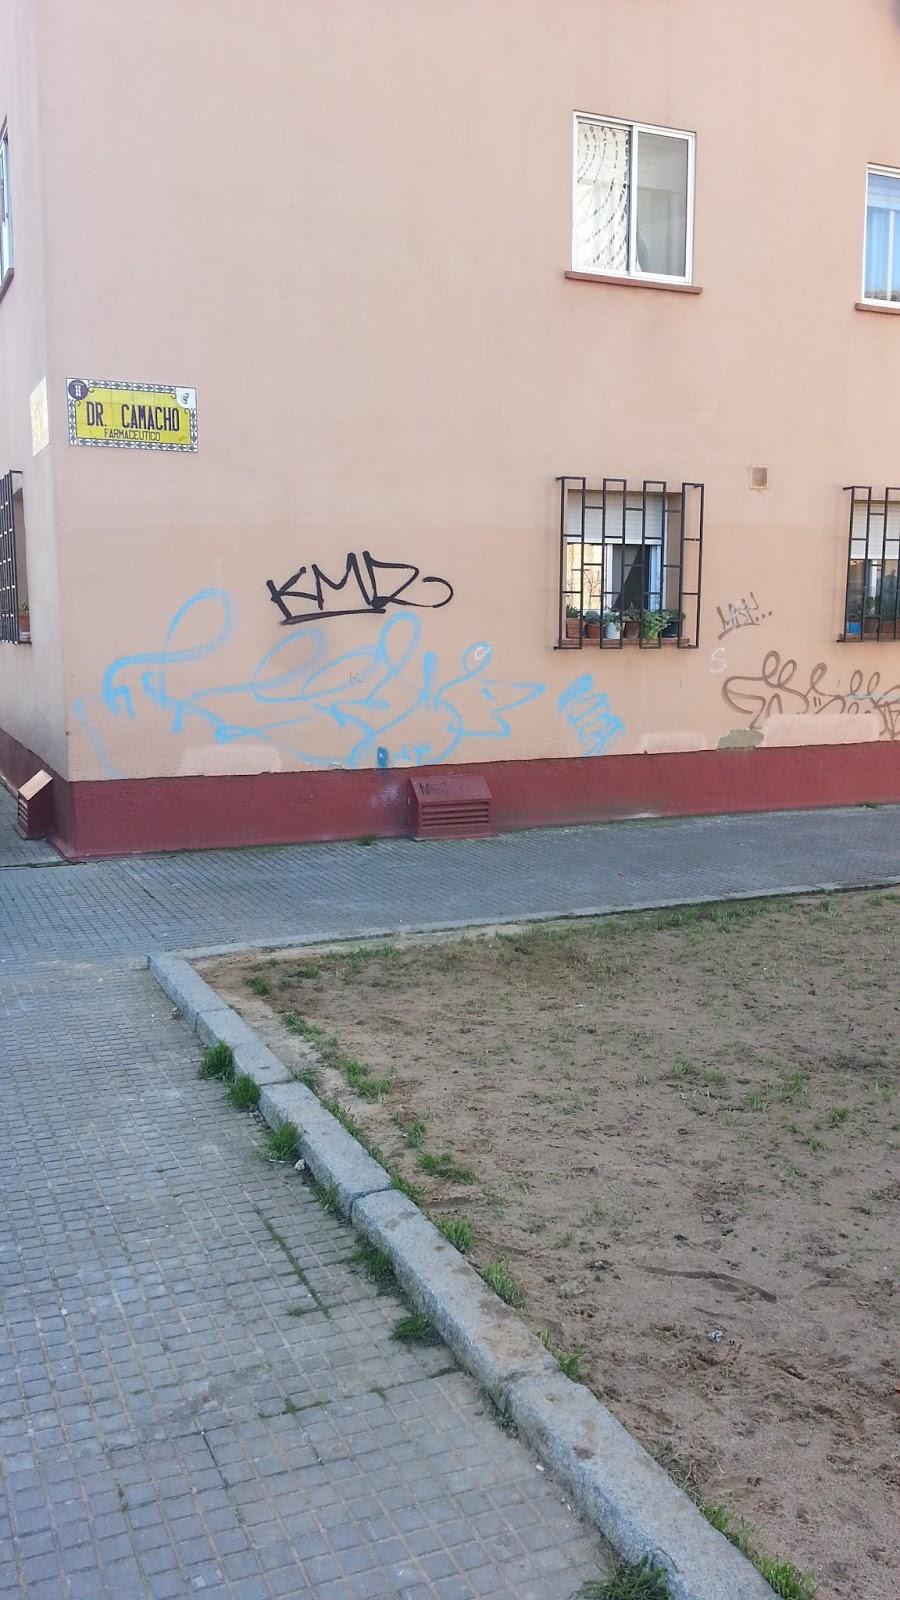 Asociaci n c vica ciudad de badajoz pedimos la siembra de for Calle prado camacho 8